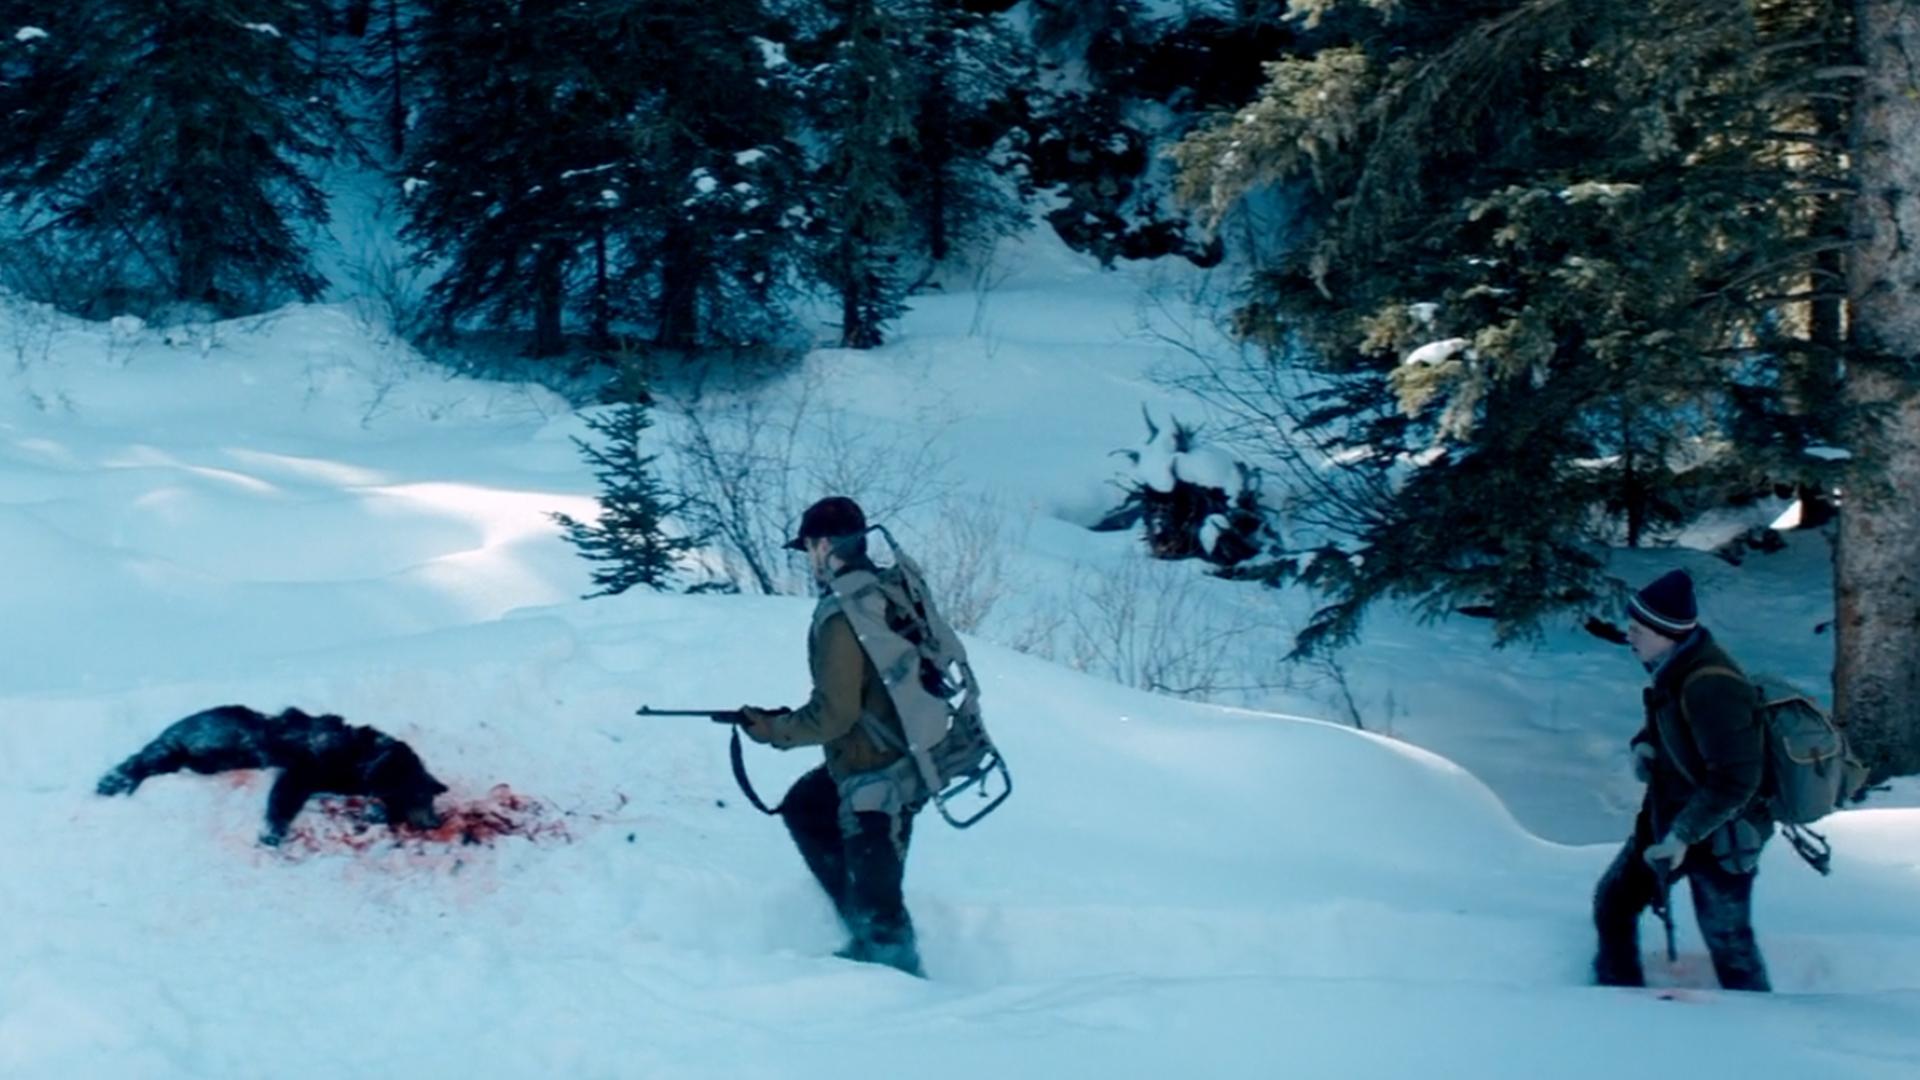 父子进入深山打猎,发现一具不同寻常的尸体,看清后脸色巨变